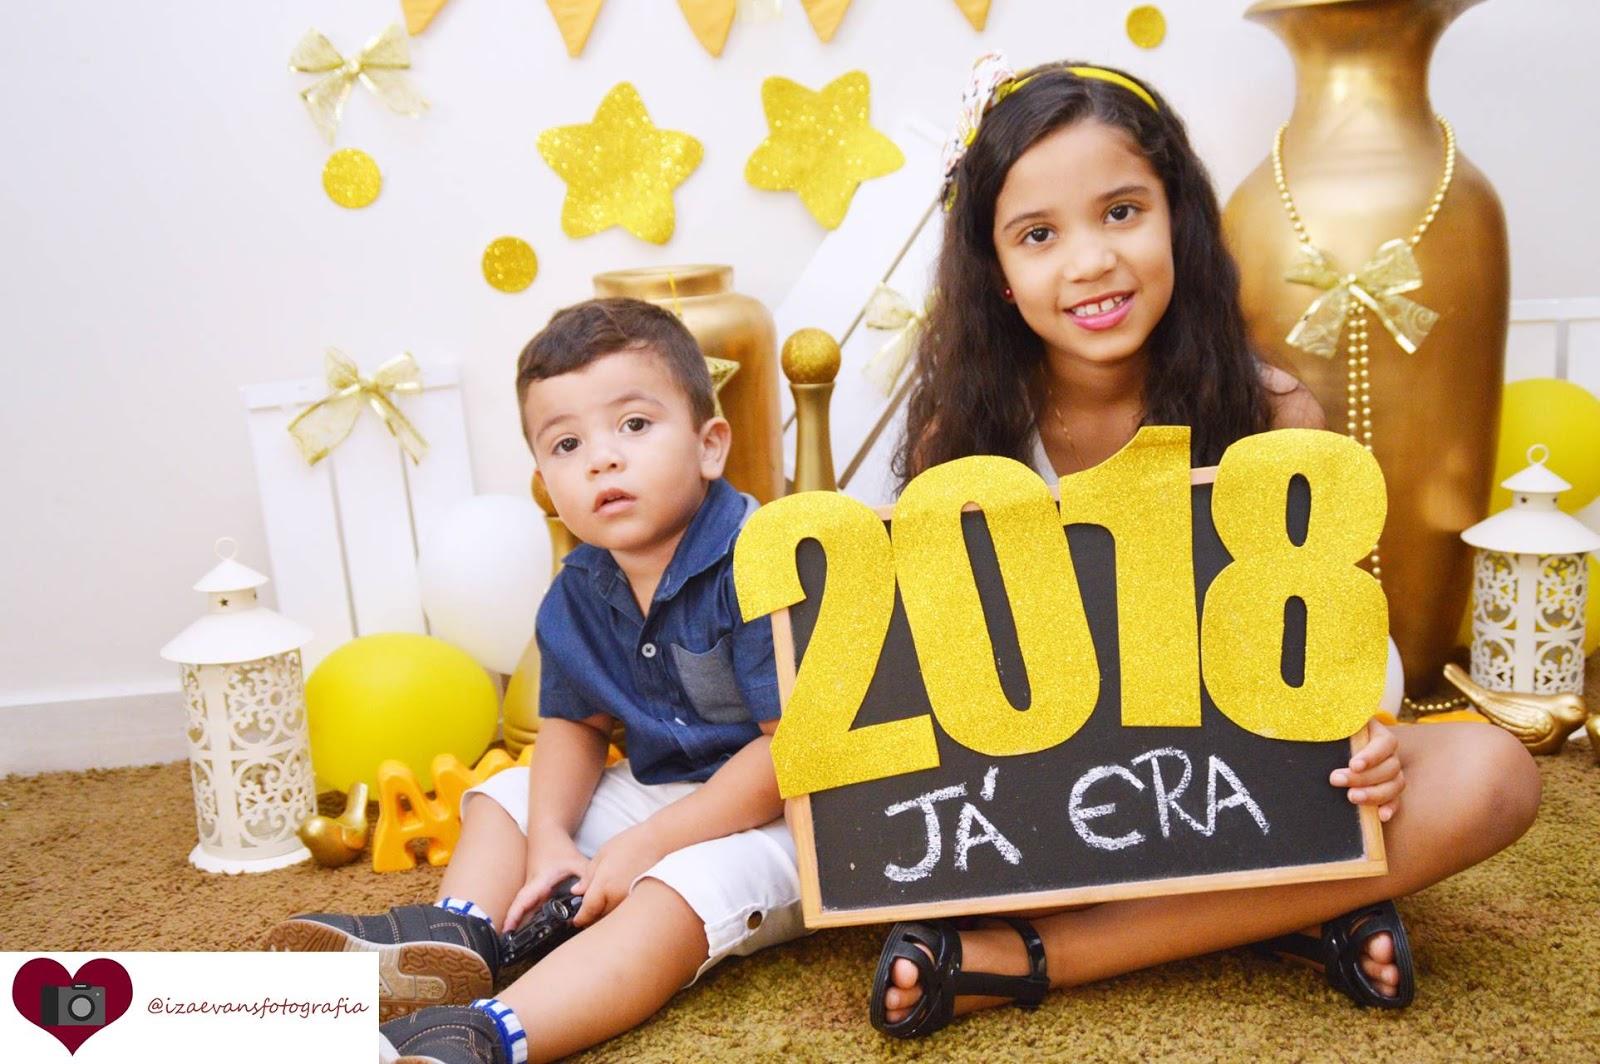 dc1ba9ae9  izaevansfotografia  Ano novo da Samantha e sua família